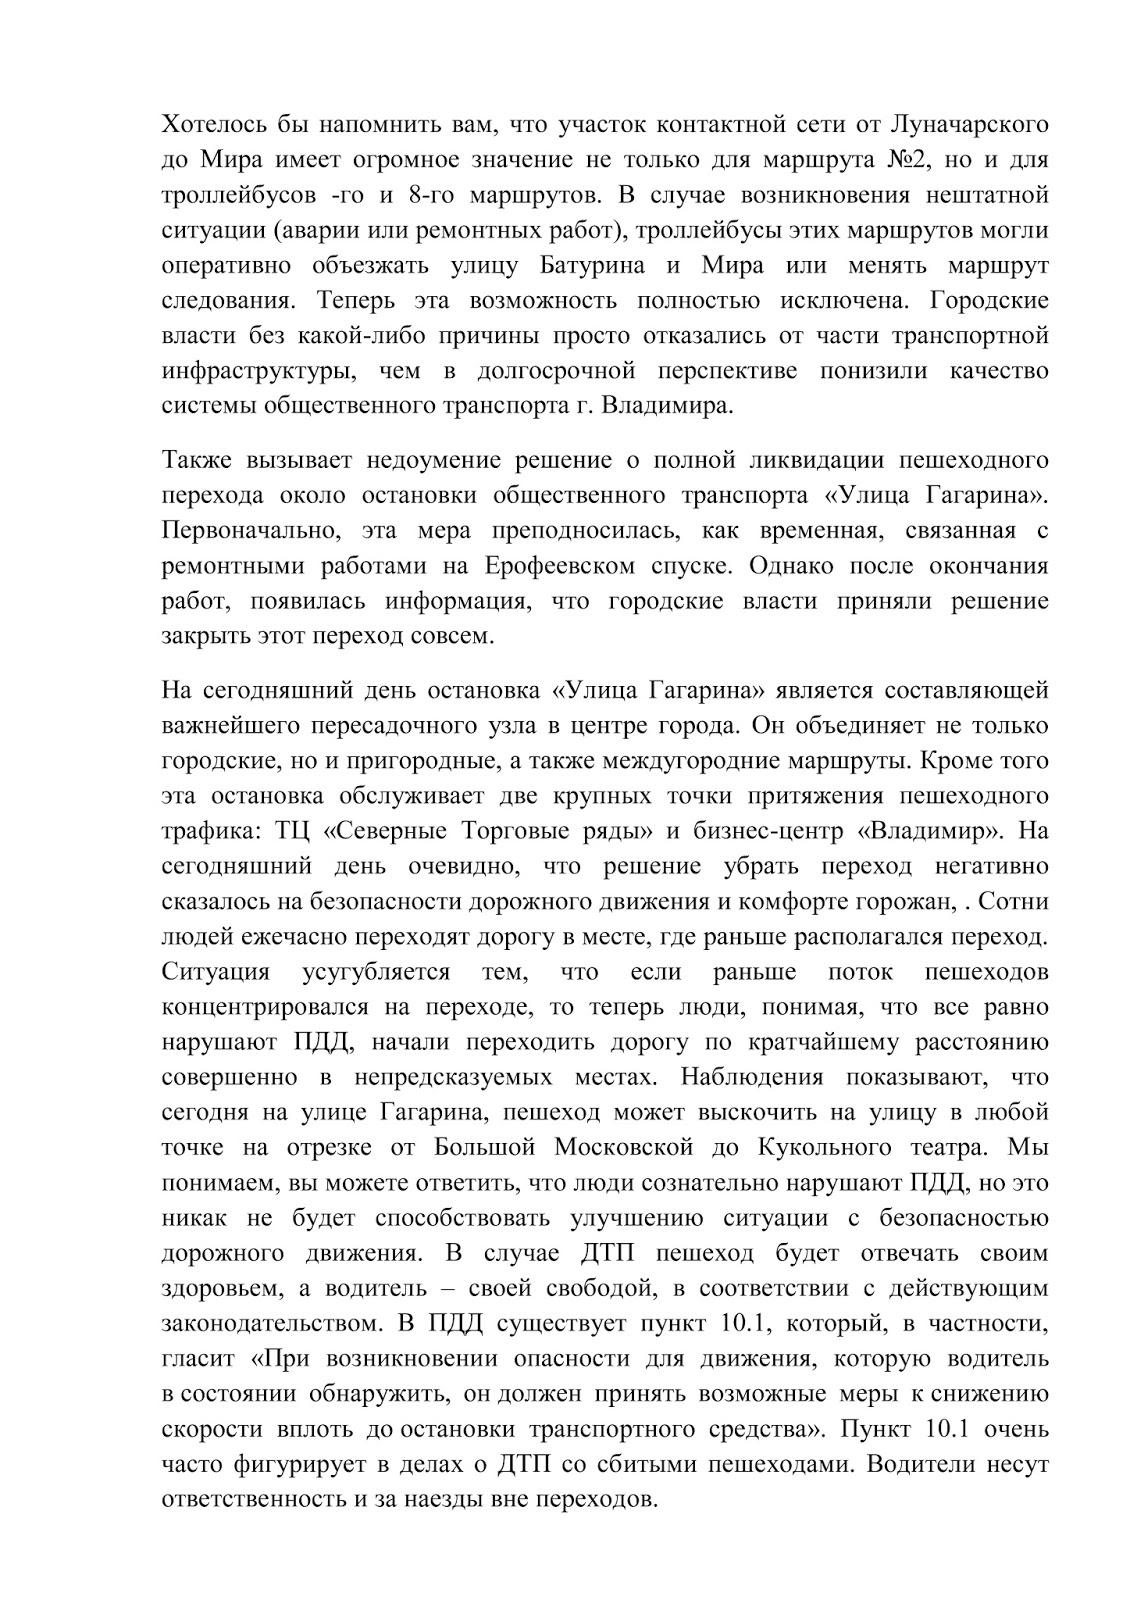 схема генплана 2014 г владимира